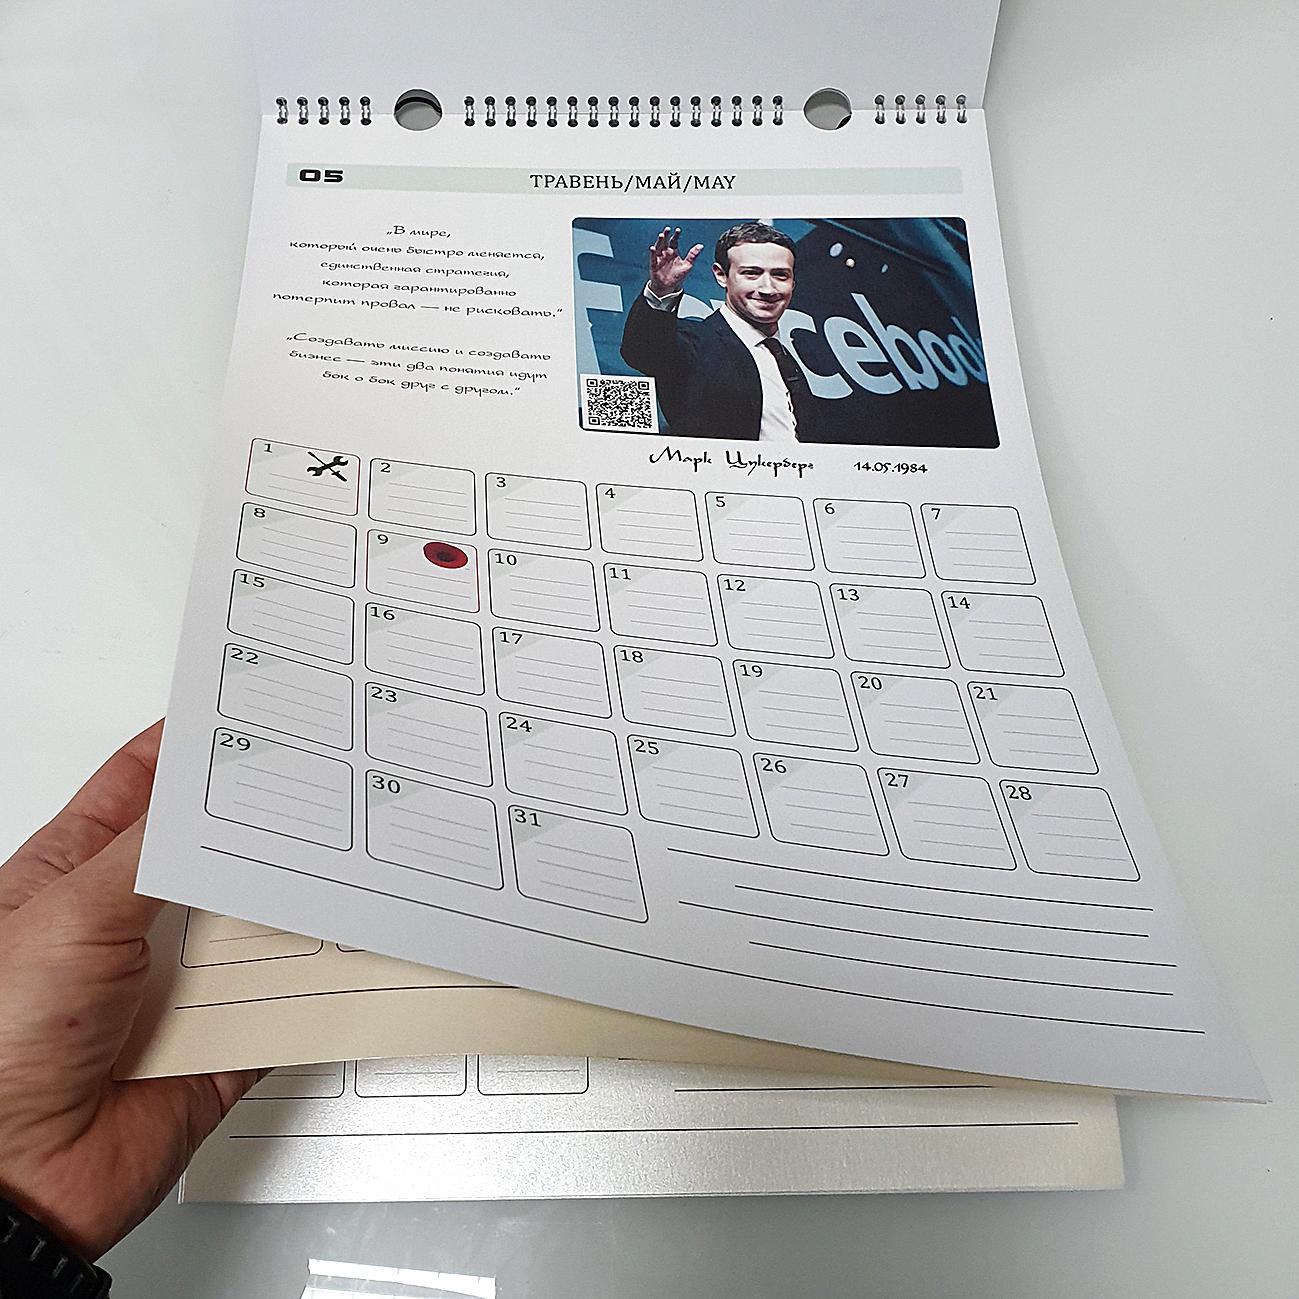 Календарь планирования